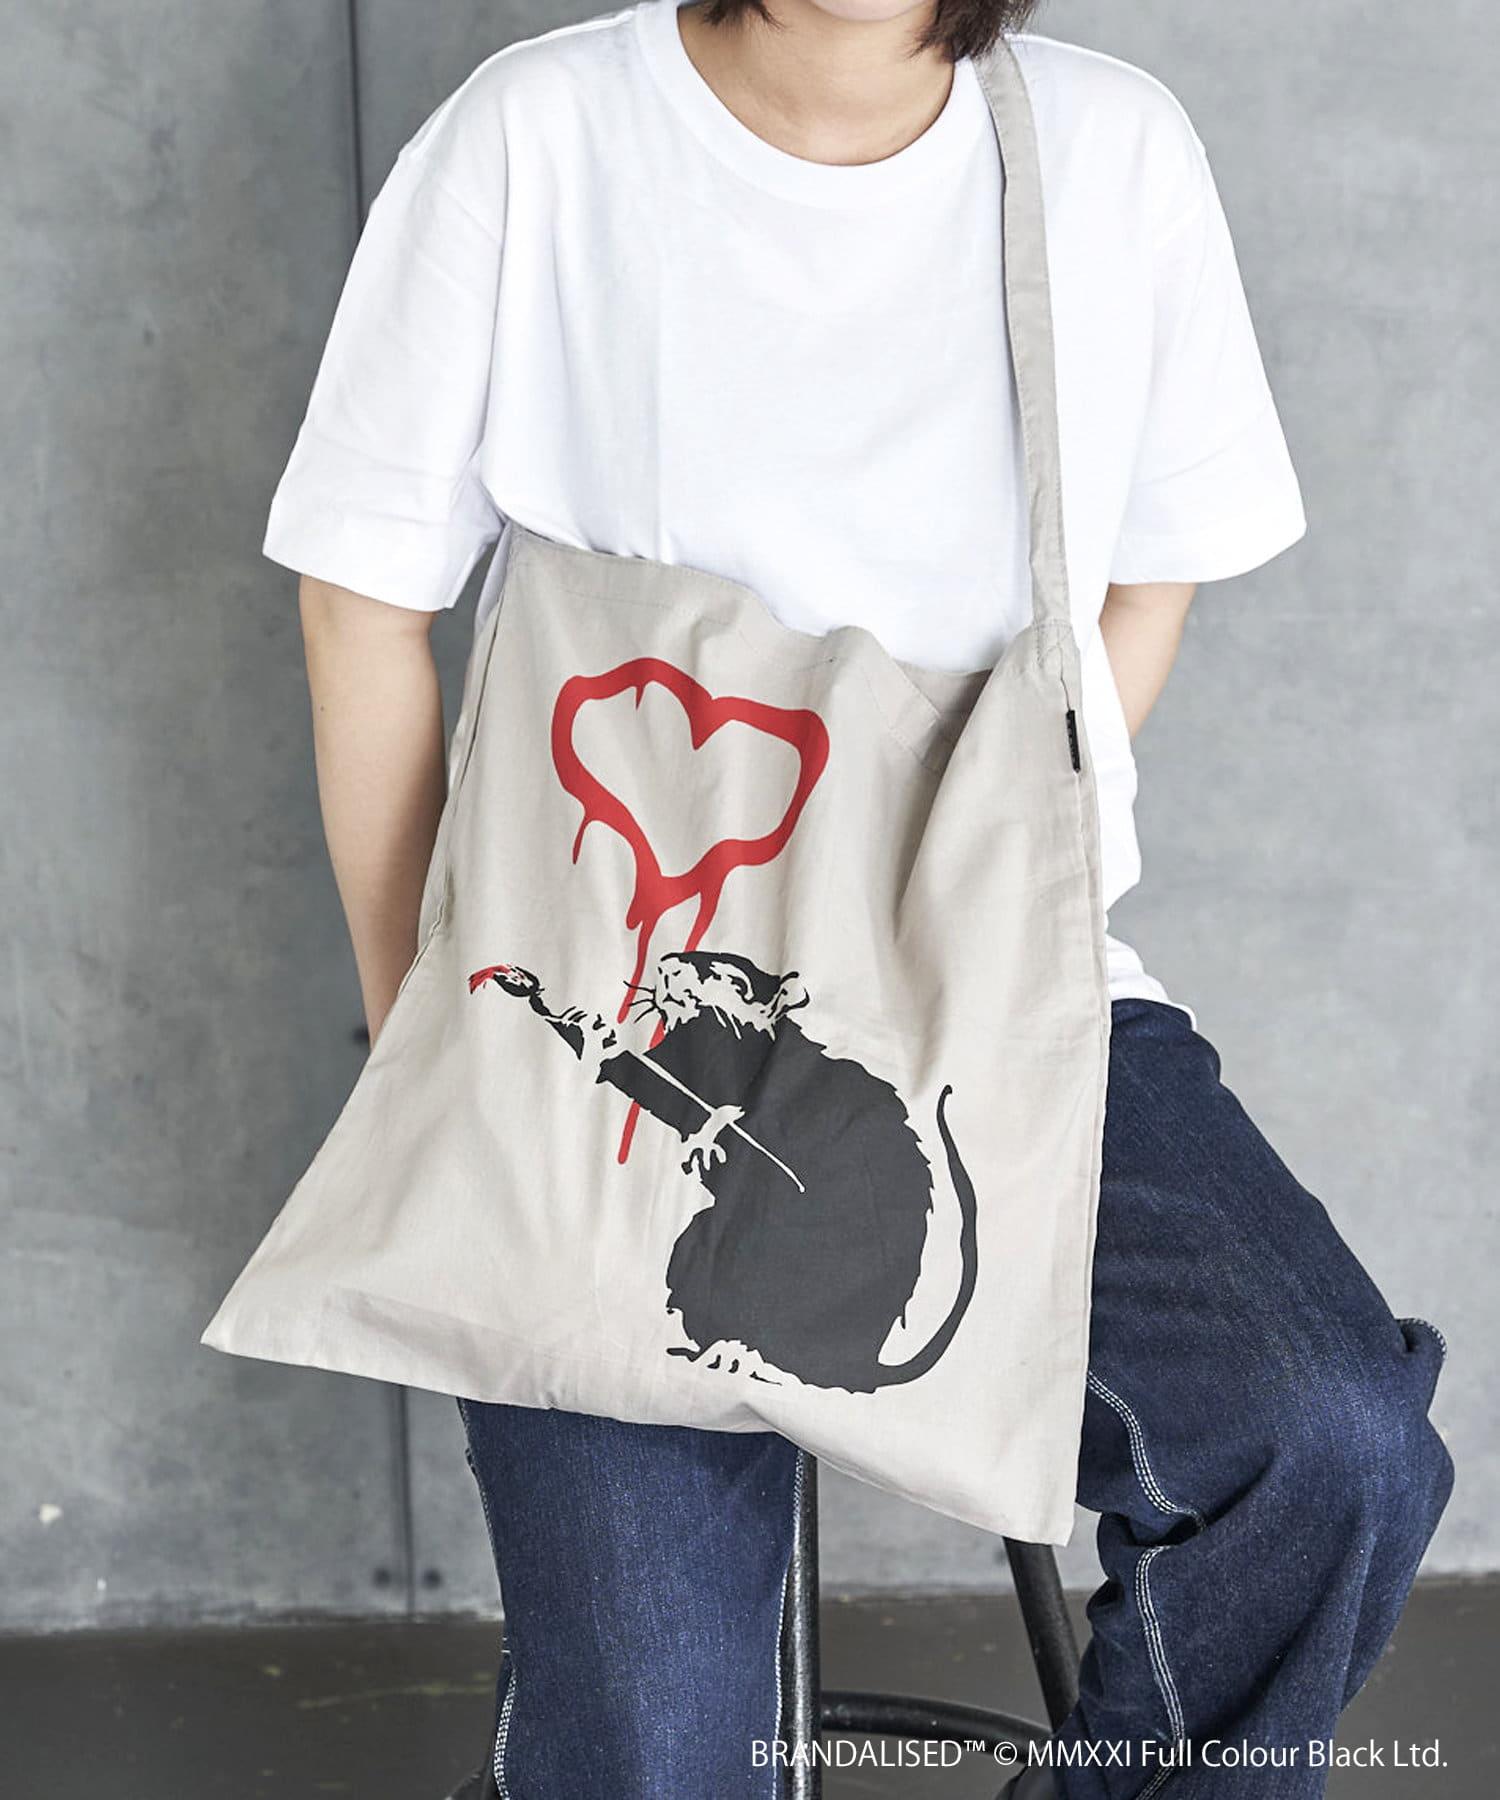 3COINS(スリーコインズ) 【ASOKO】Banksy's Graffiti ワンショルダーバッグ